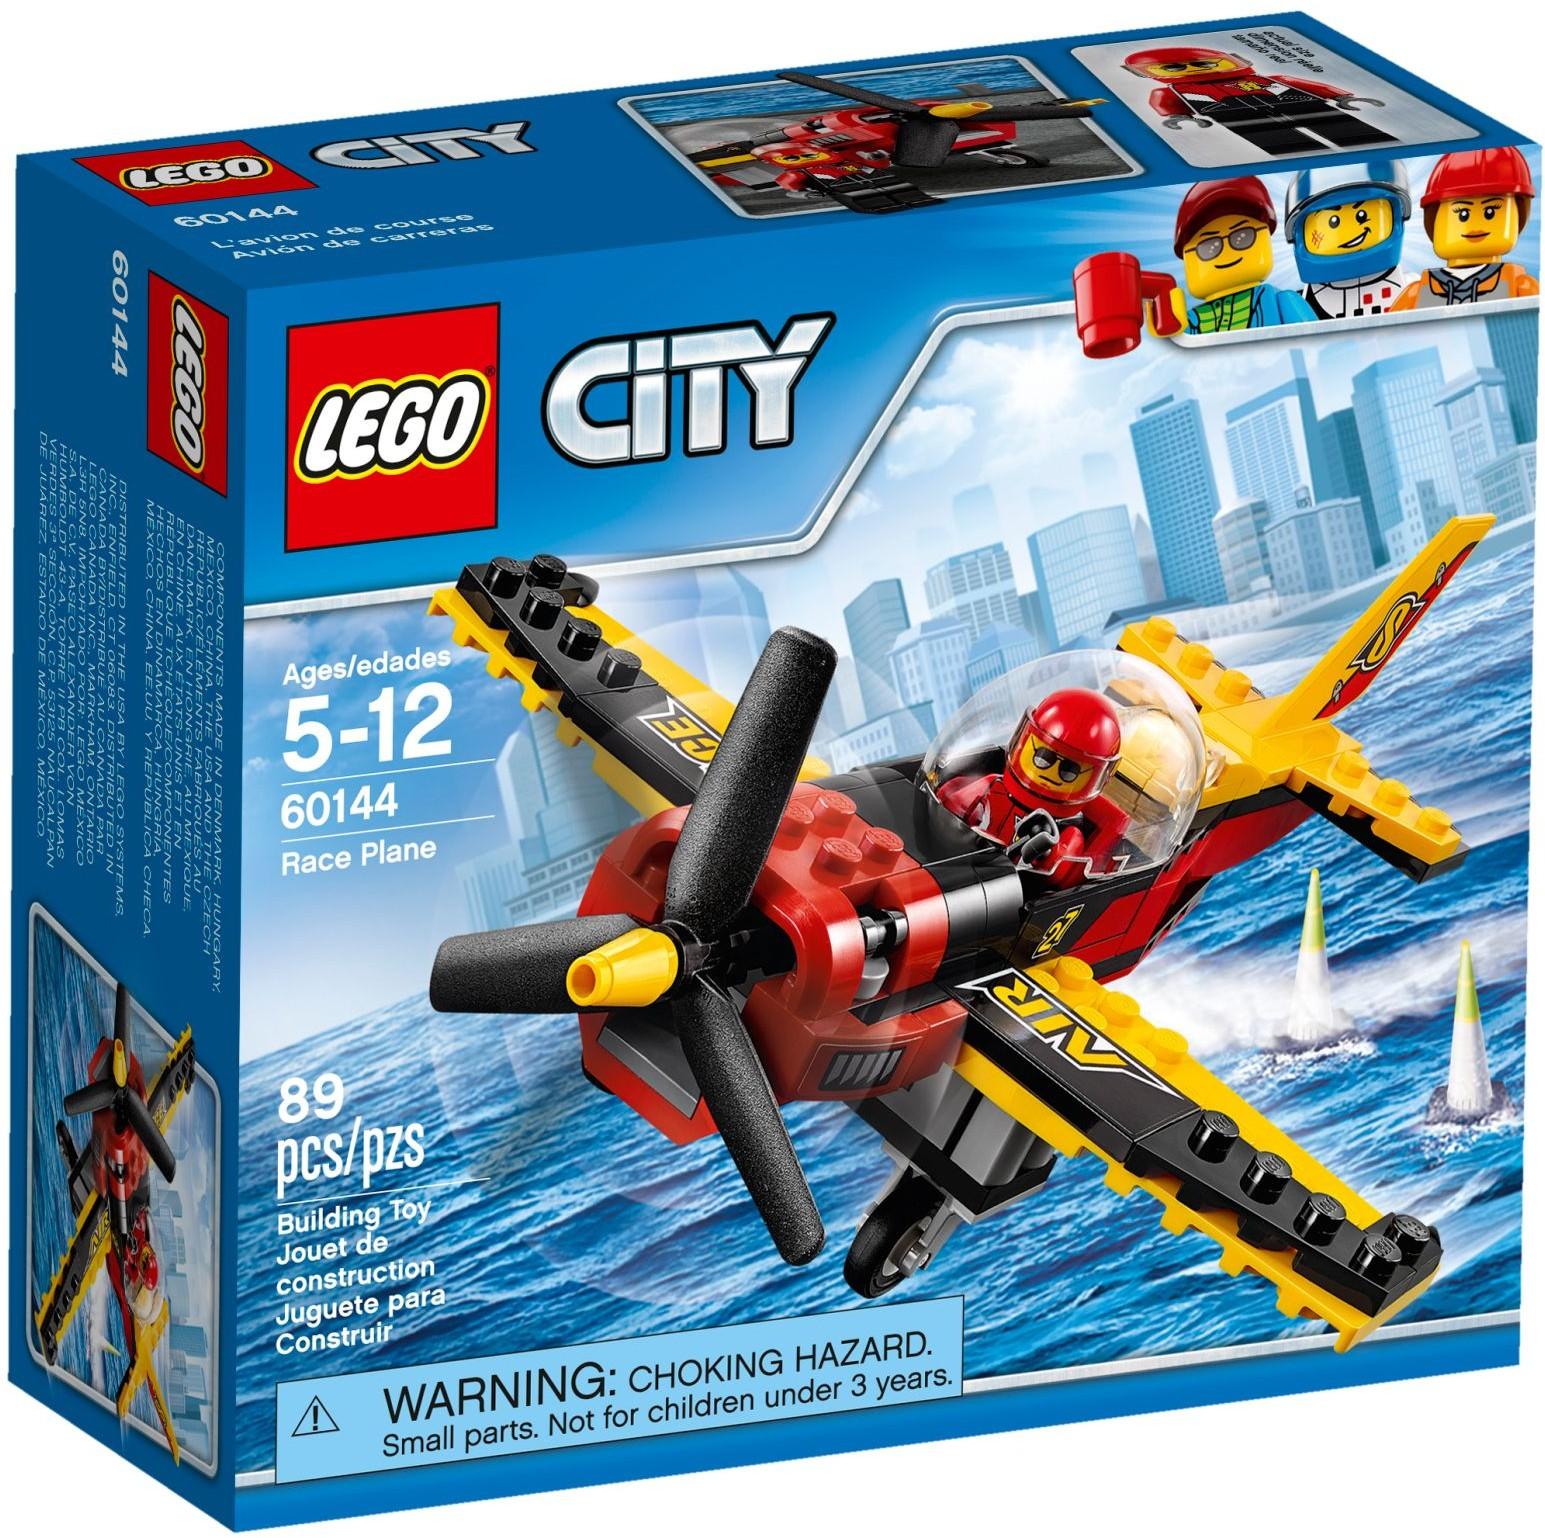 Mua đồ chơi LEGO 60144 - LEGO City 60144 - Cuộc Đua Máy Bay Cánh Quạt (LEGO City Race Plane 60144)